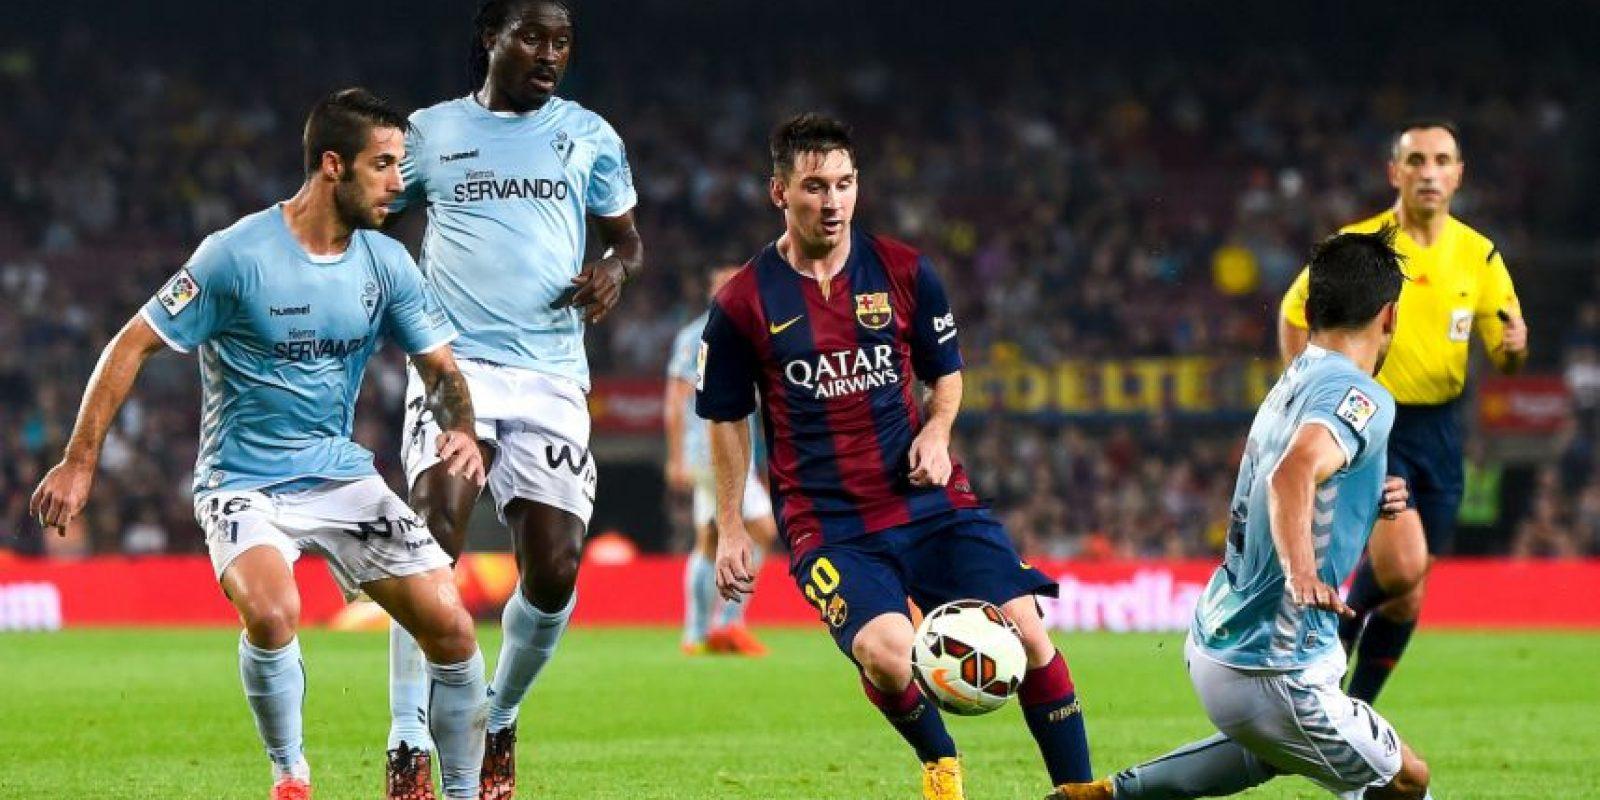 Máximo goleador no europeo en competiciones de la UEFA: 72 goles (en 93 partidos) (2014-15) Foto:Getty Images